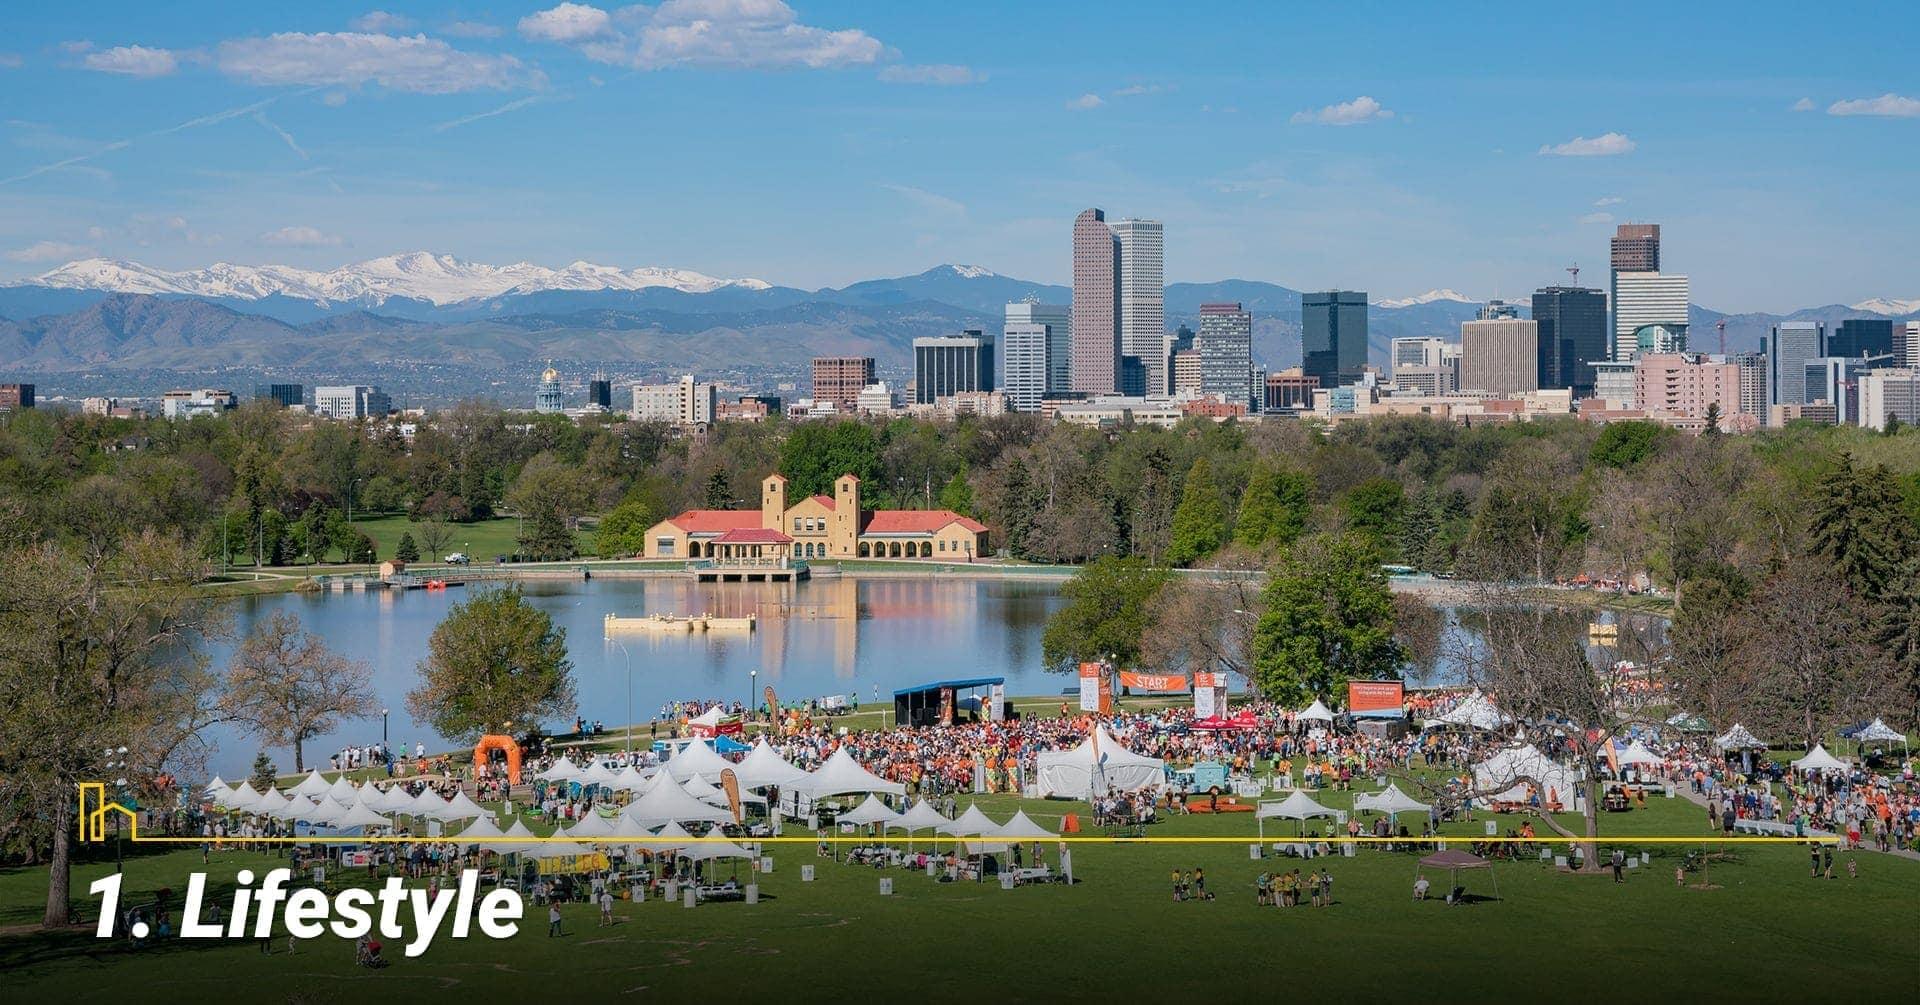 Lifestyle in Denver, Colorado